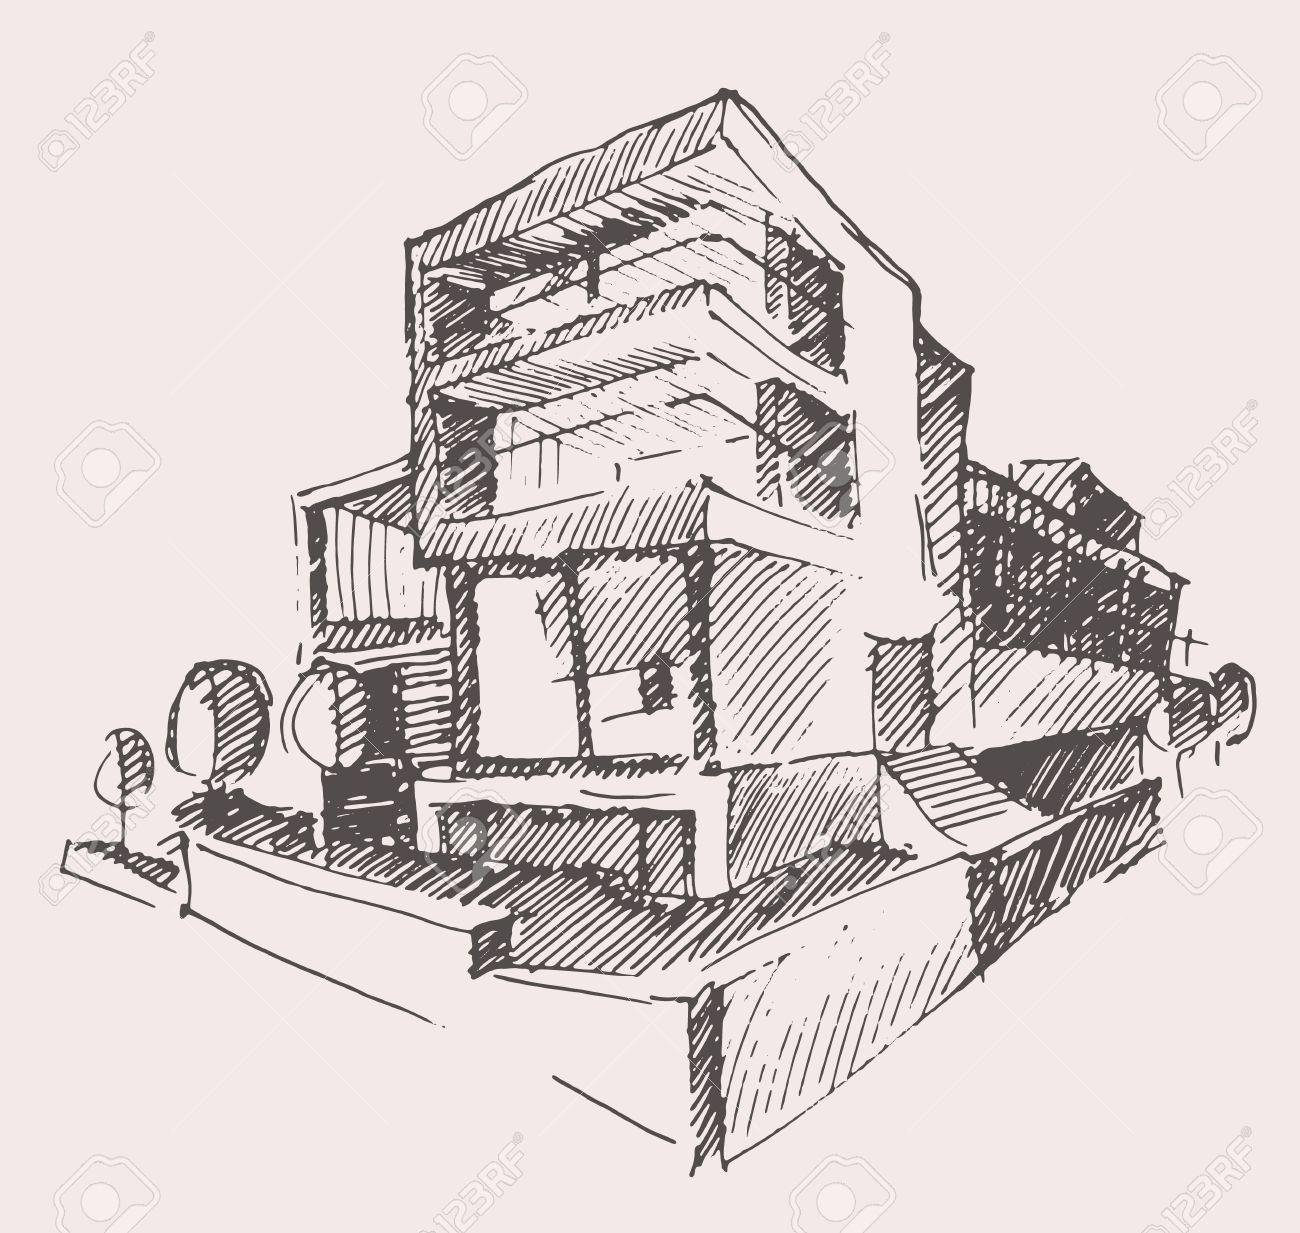 Architekt Entwurf Der Modernen Neues Haus Gravur Vektor Illustration Gebaude Design Konzept Hand